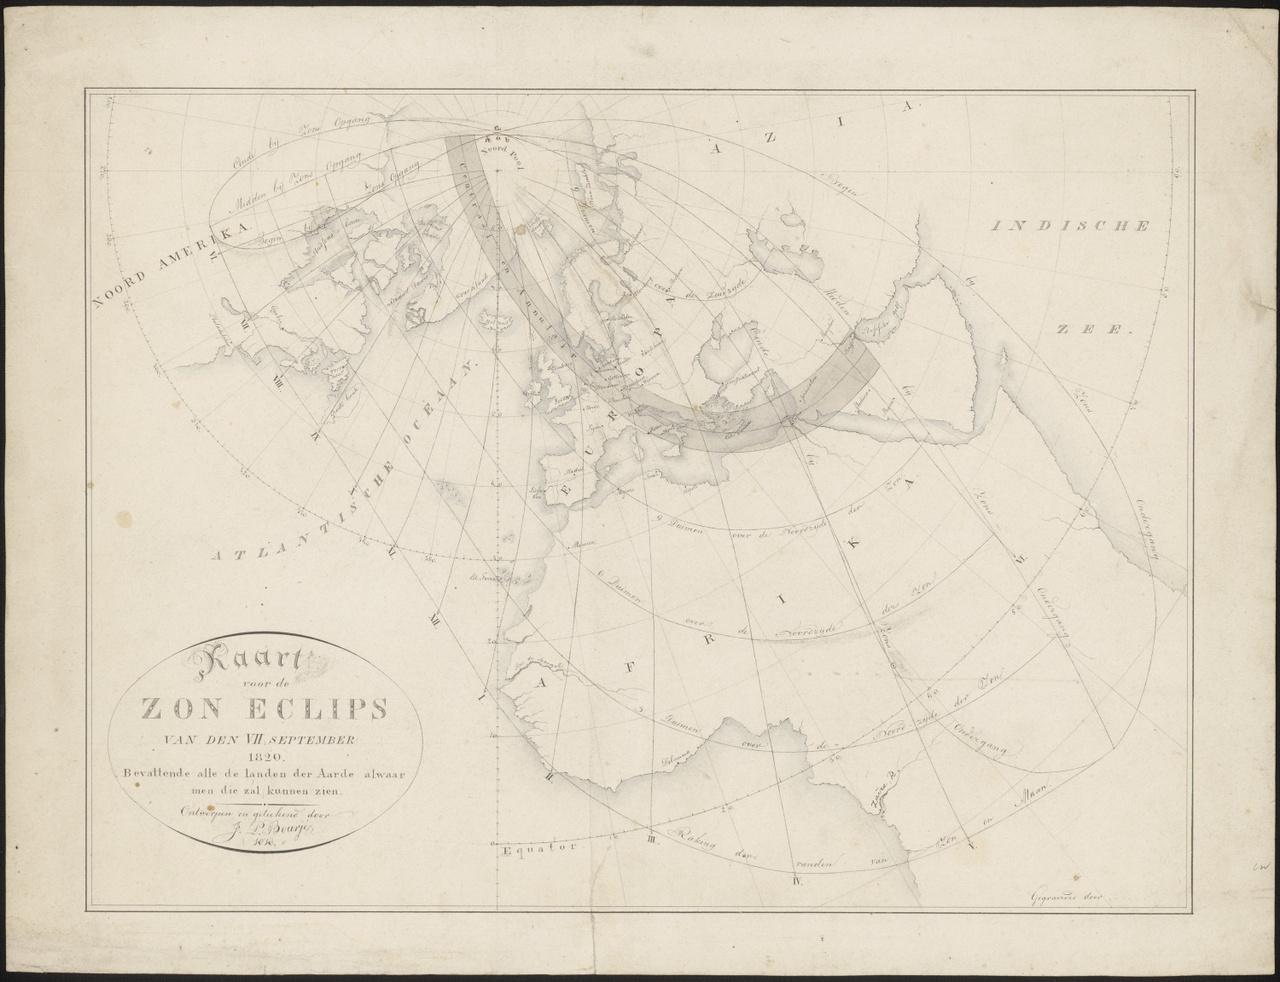 Kaart voor de Zon Eclips van den VIIden September 1820, Johan Pieter Bourjé